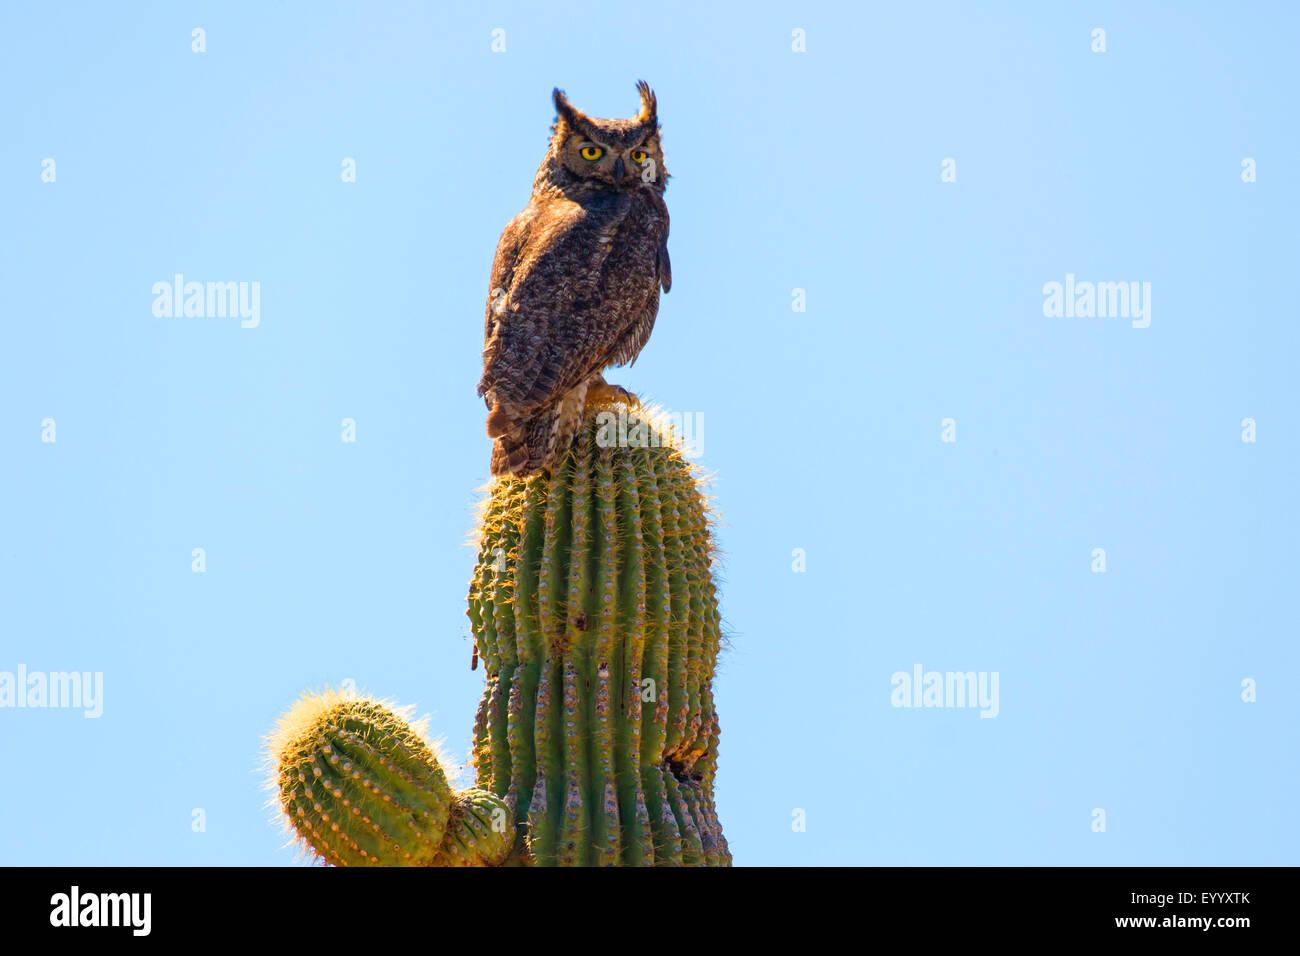 Gran búho cornudo (Bubo virginianus), ontip de un cacto saguaro, Phoenix, Arizona, EE.UU. Imagen De Stock